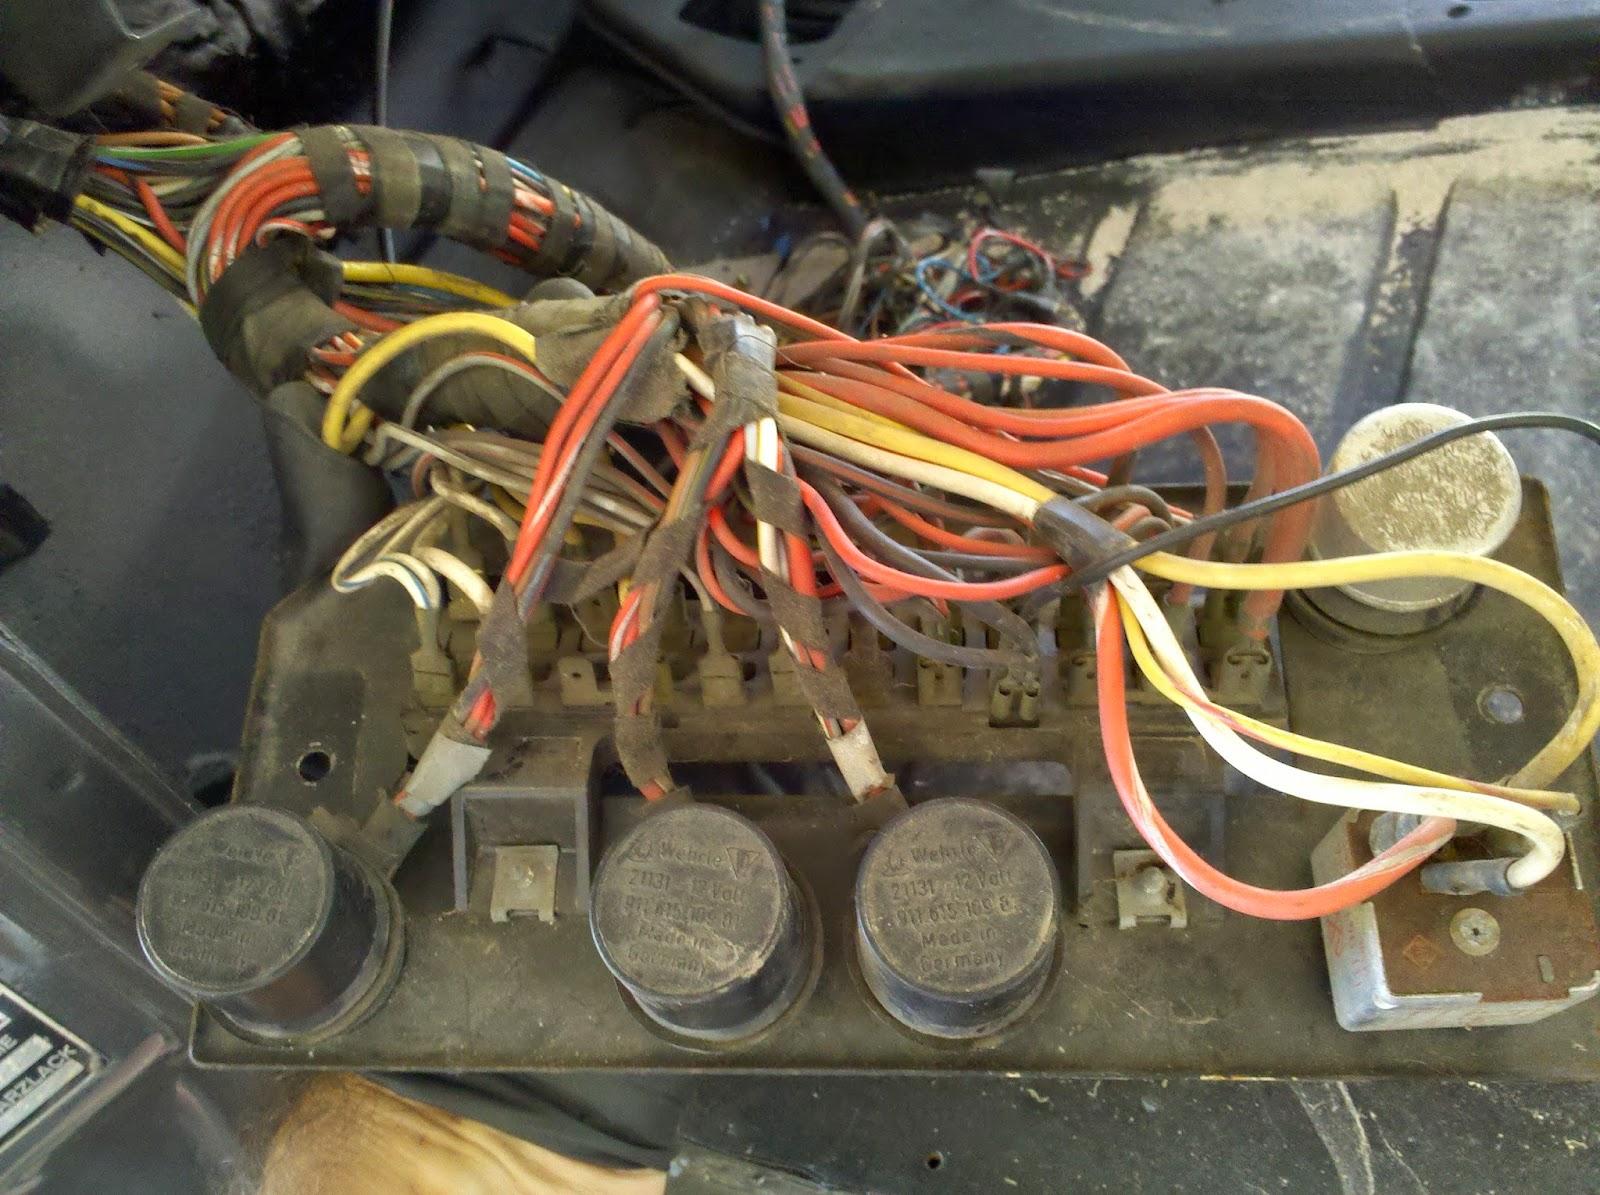 porsche 914 fuel injection wiring diagram porsche 914 fuse box - wiring diagram porsche 914 fuse panel replacement